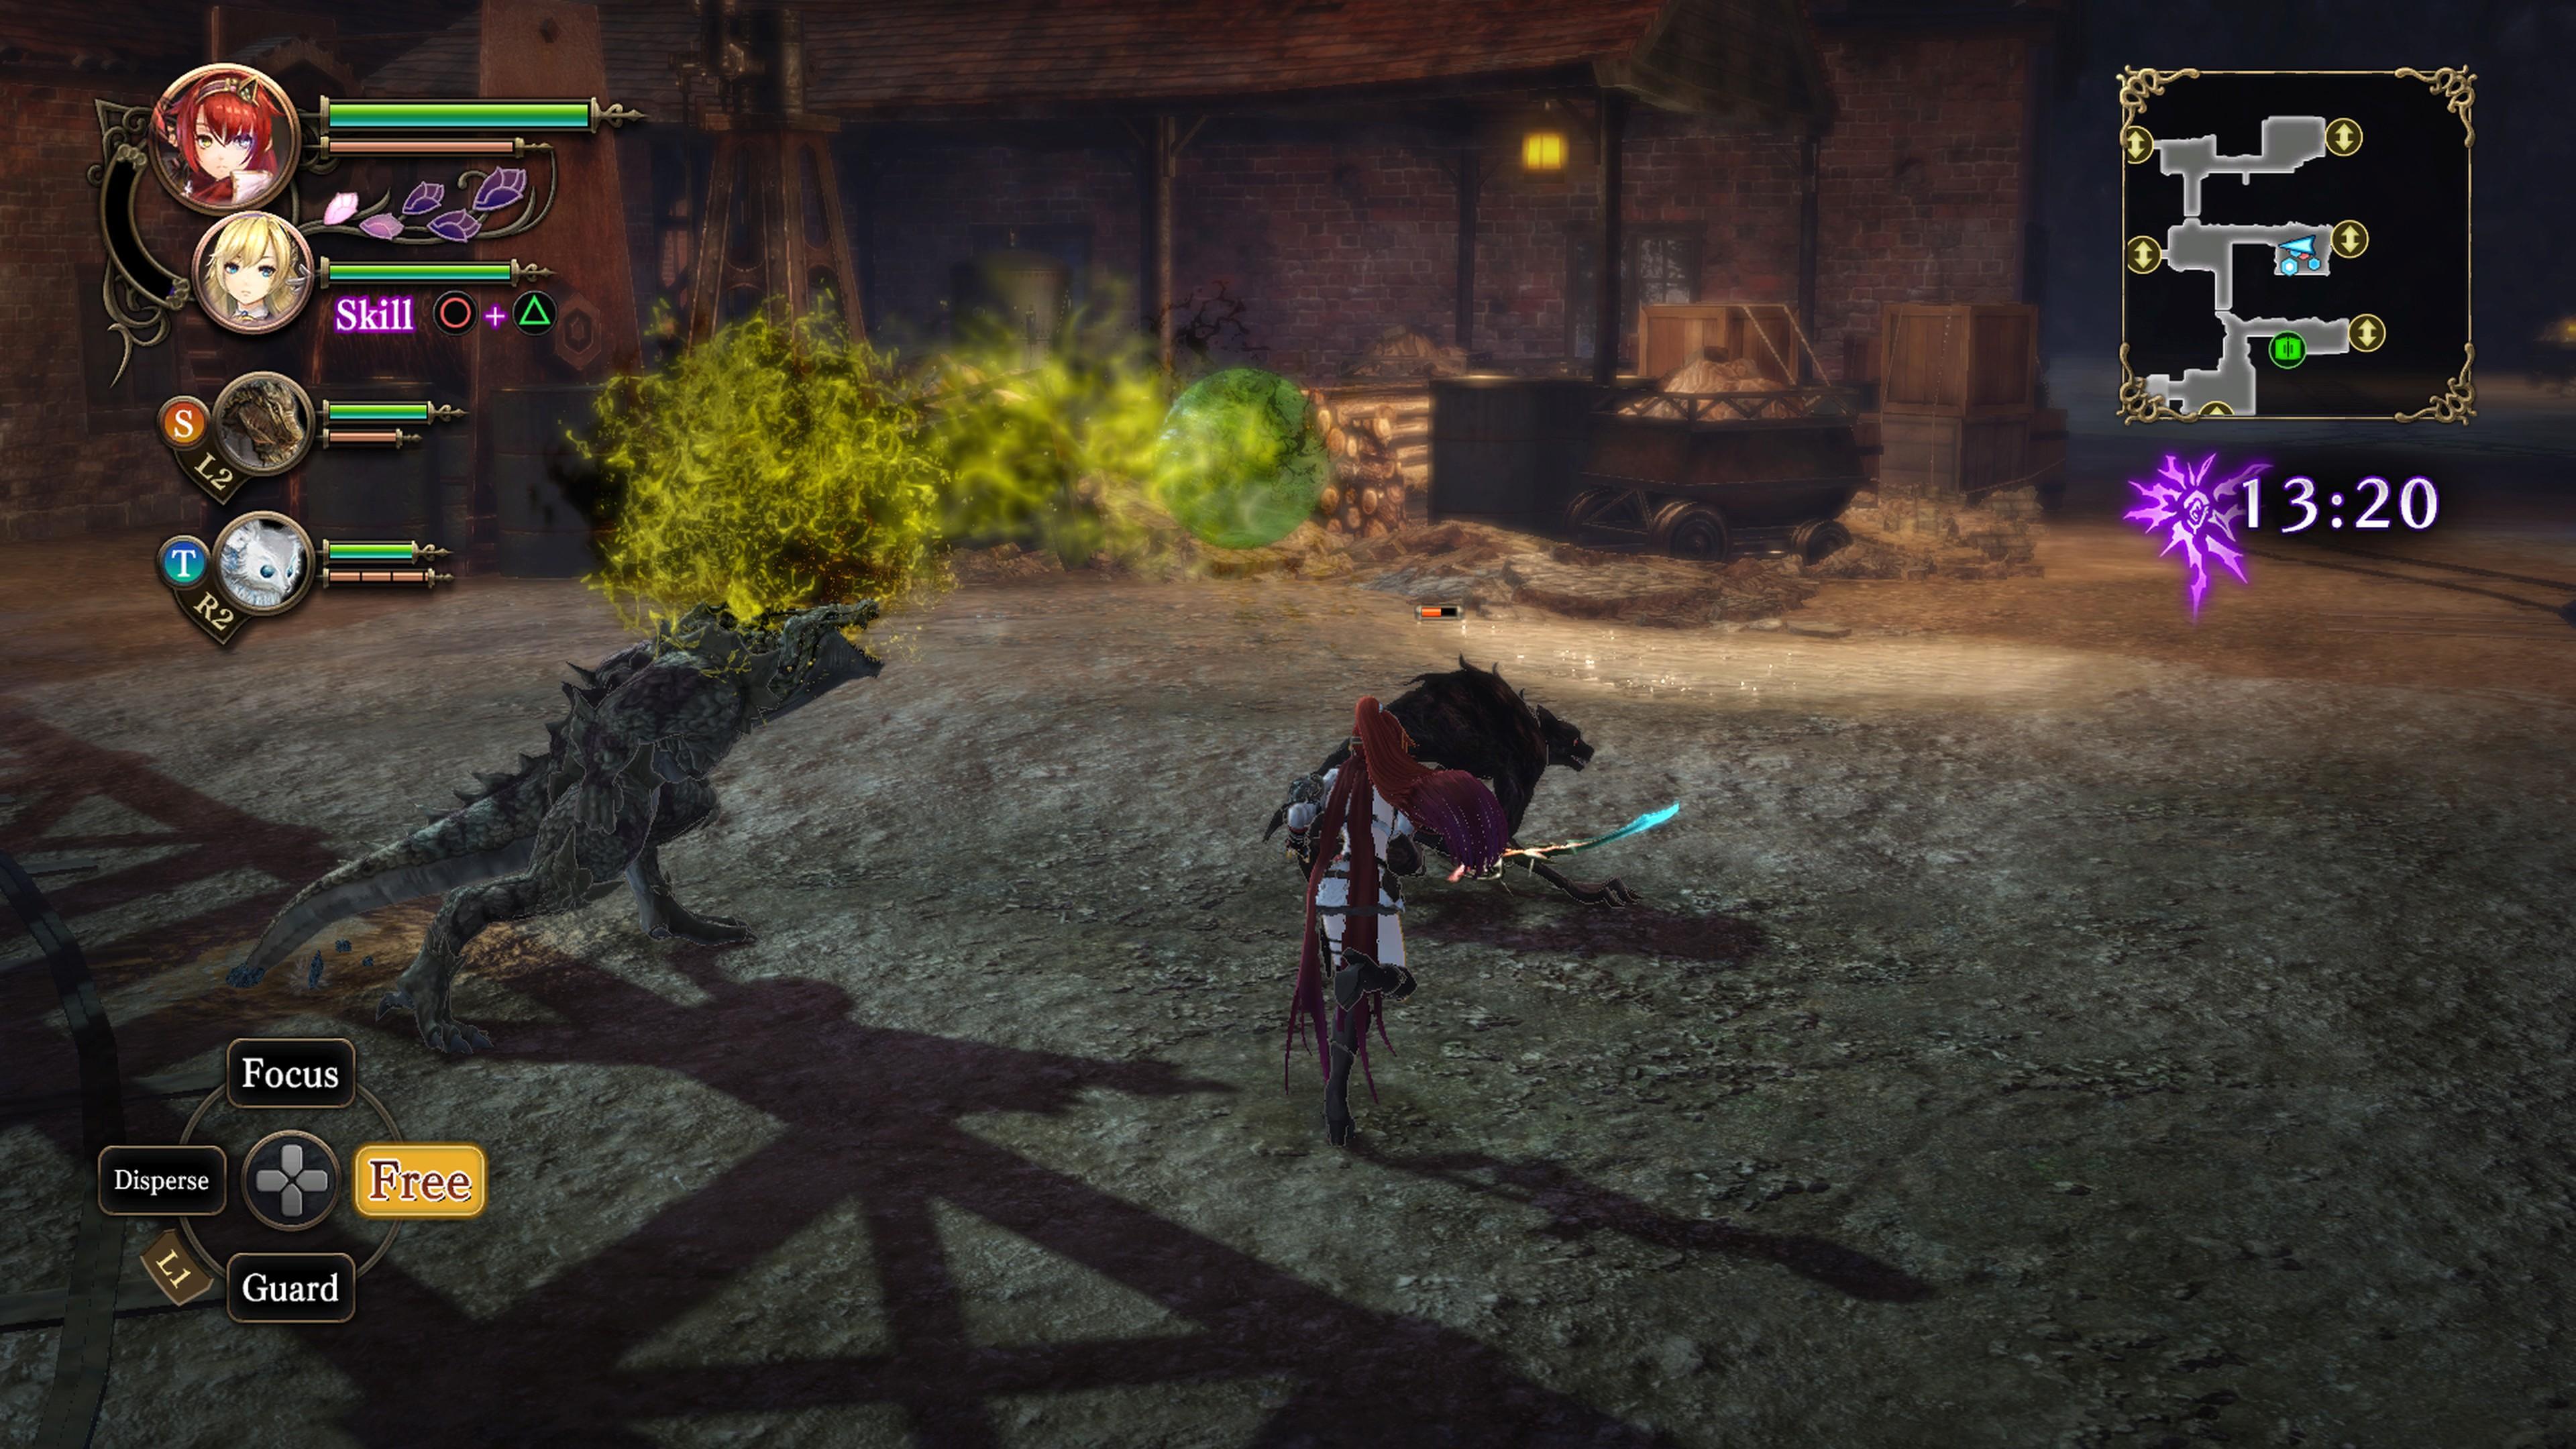 Detaily bojového sytému Nights of Azure 2 a bonusy po vydání 149822